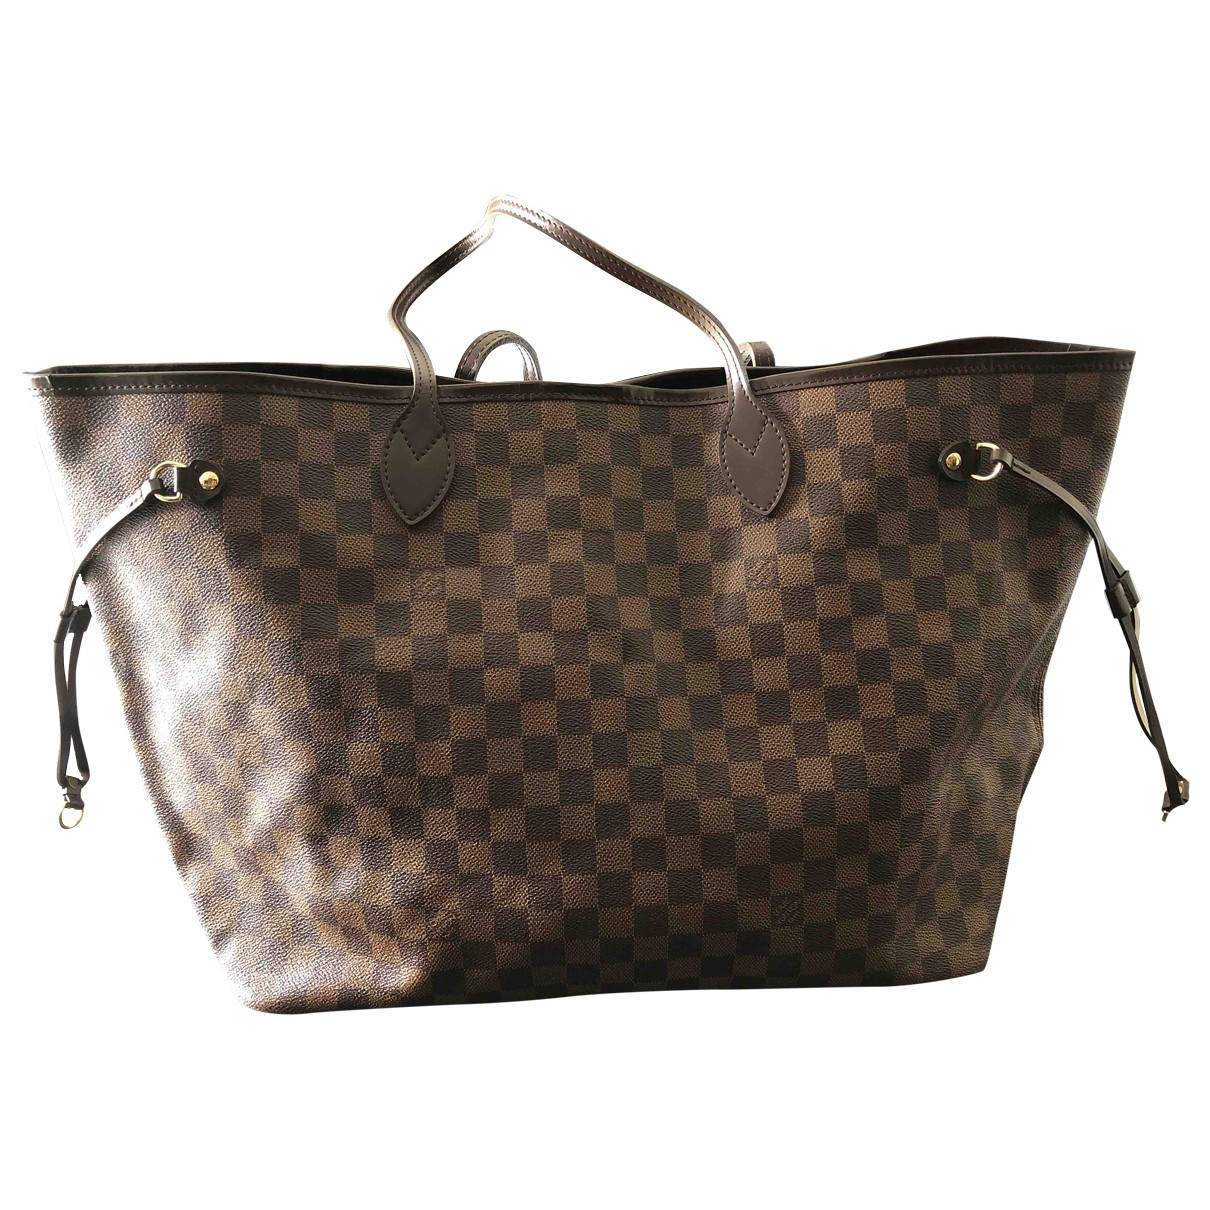 Louis Vuitton - Sac a main Neverfull pour femme en toile - marron